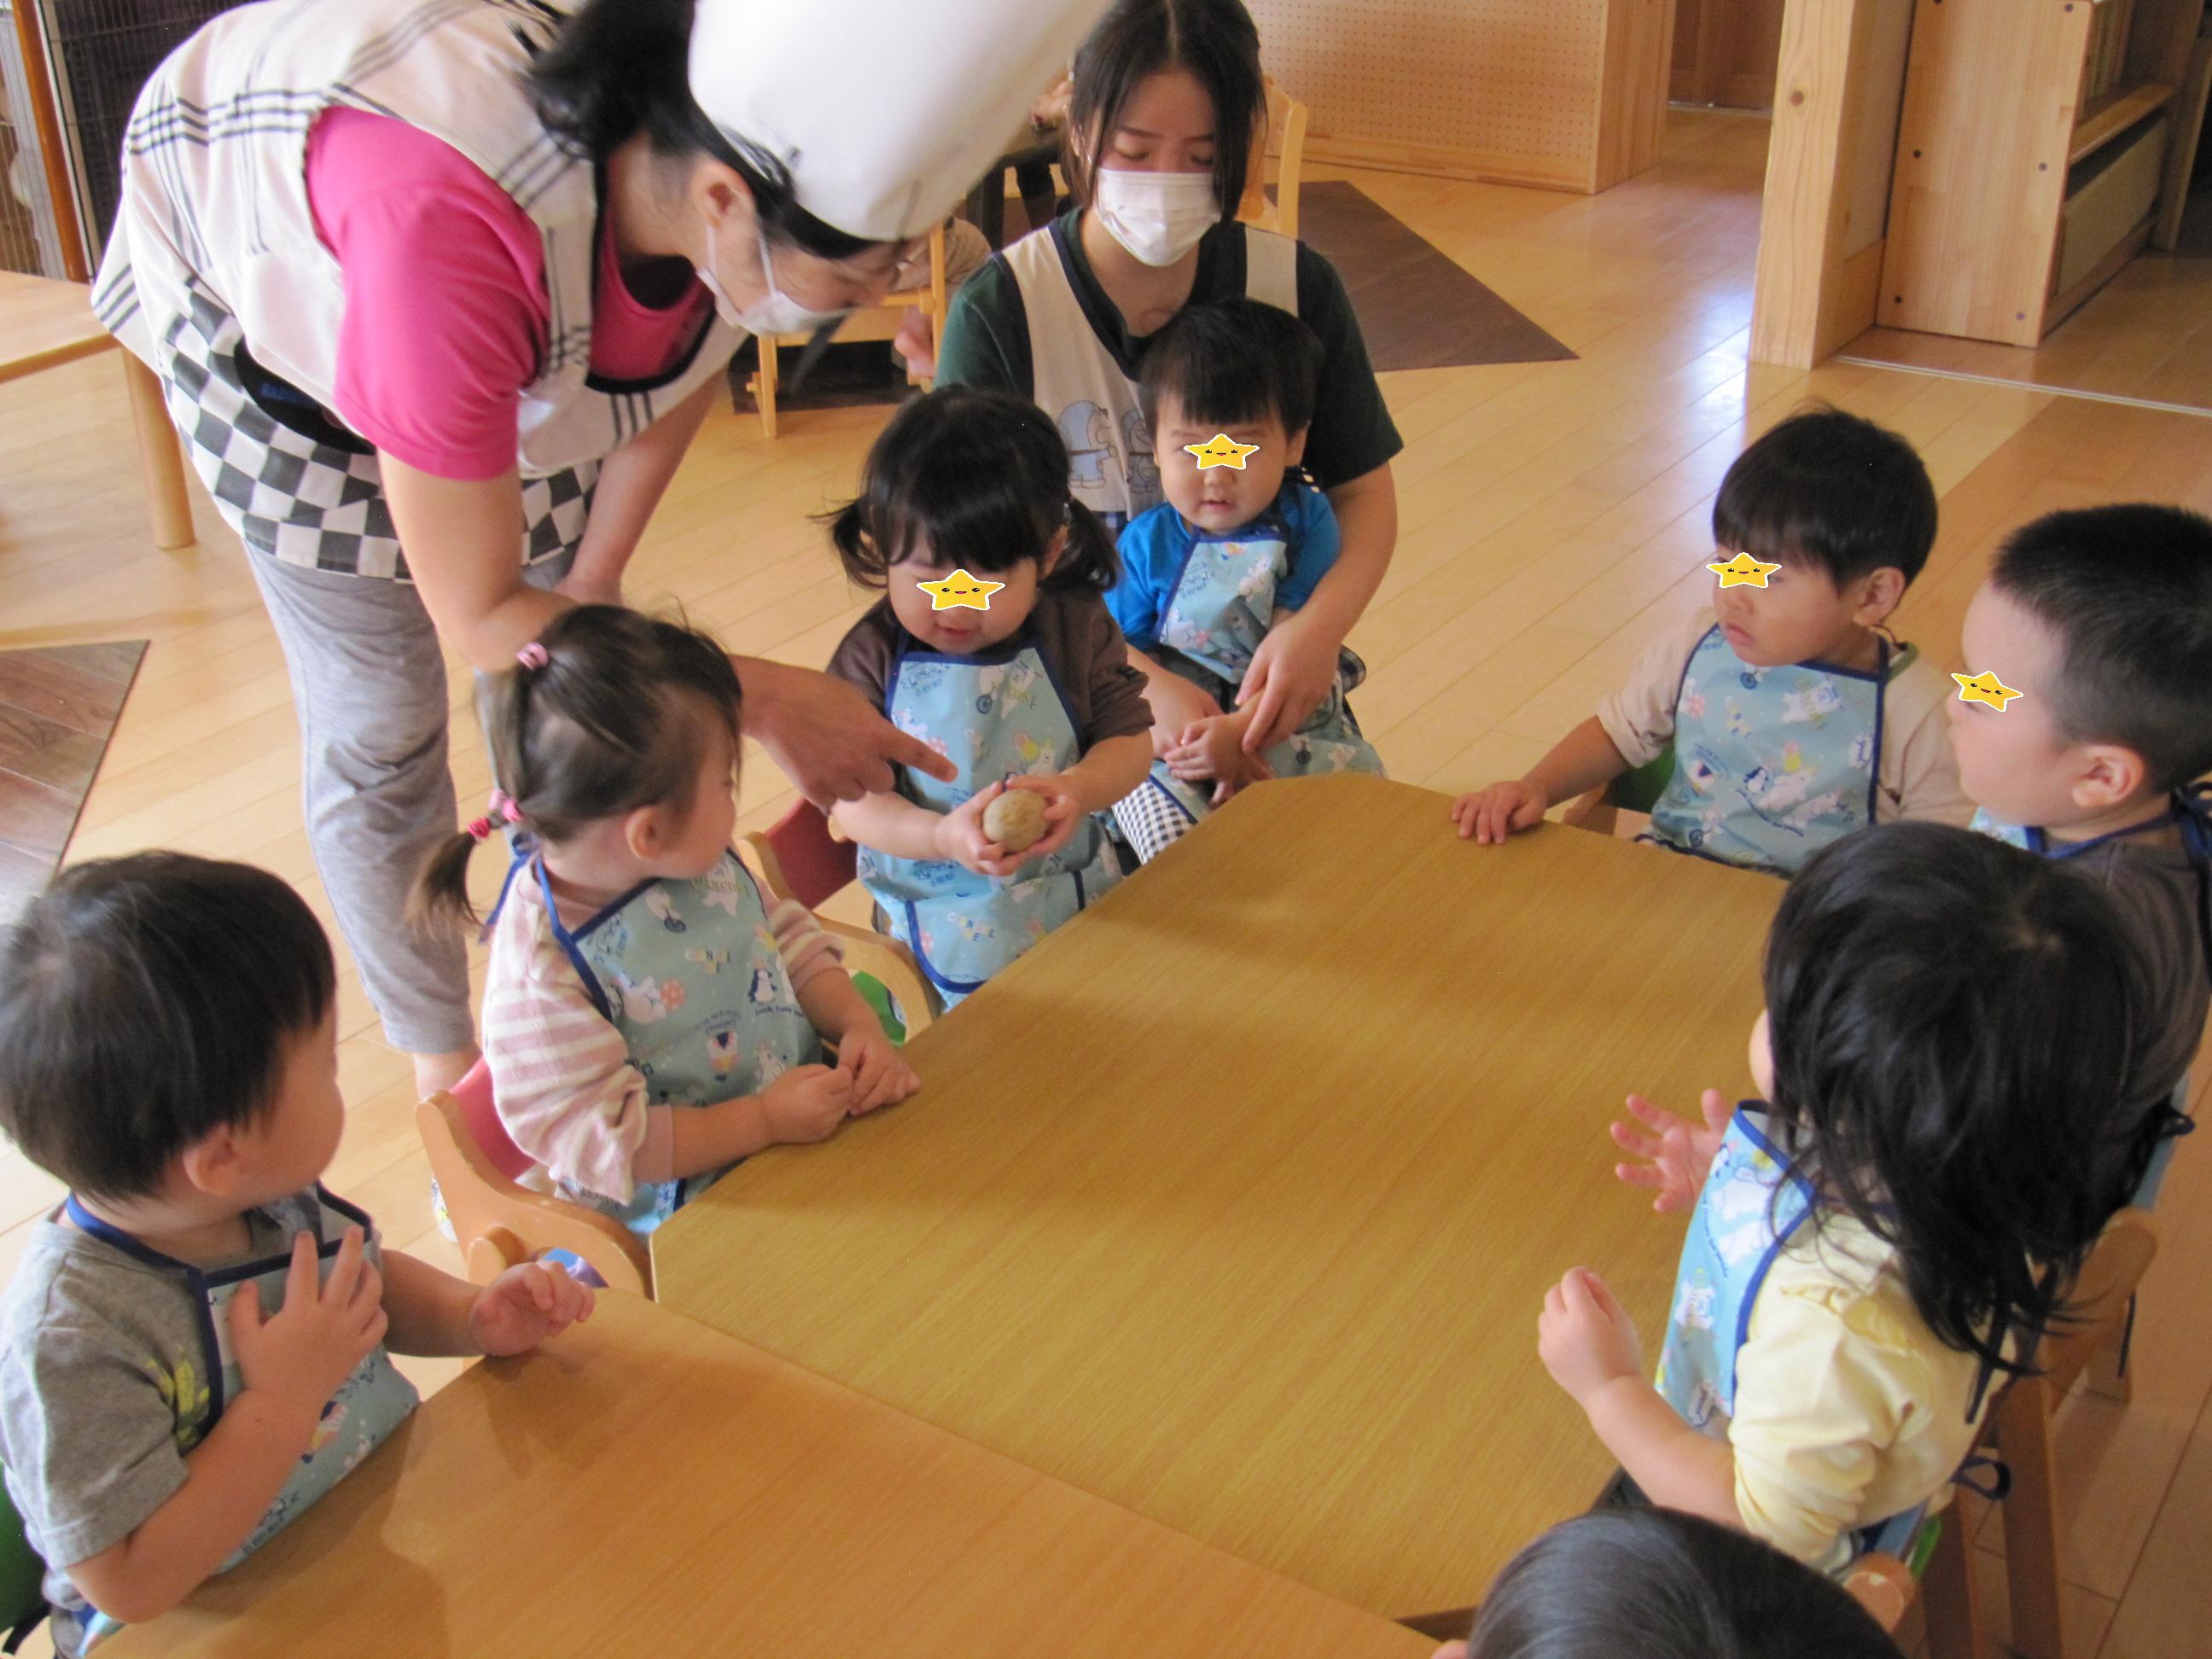 屯田園 どんぐり組(0歳児クラス)😊くり組(1歳児クラス)😊 9月じゃがいもクッキング!